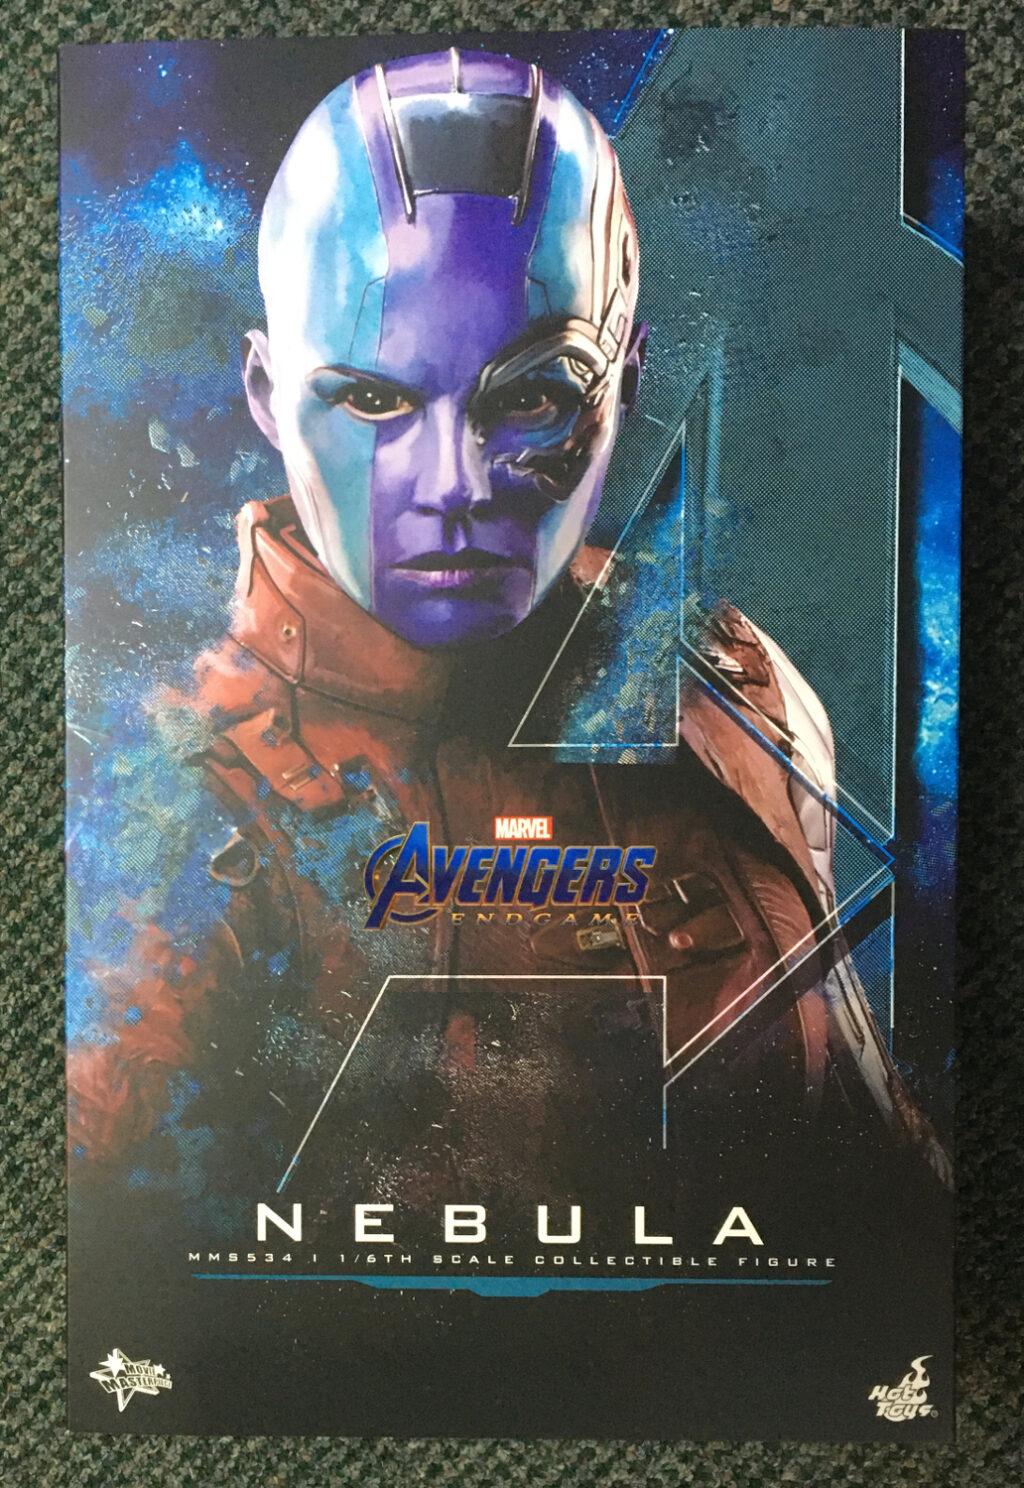 hot toys marvel avengers endgame nebula 1:6 scale figure 1